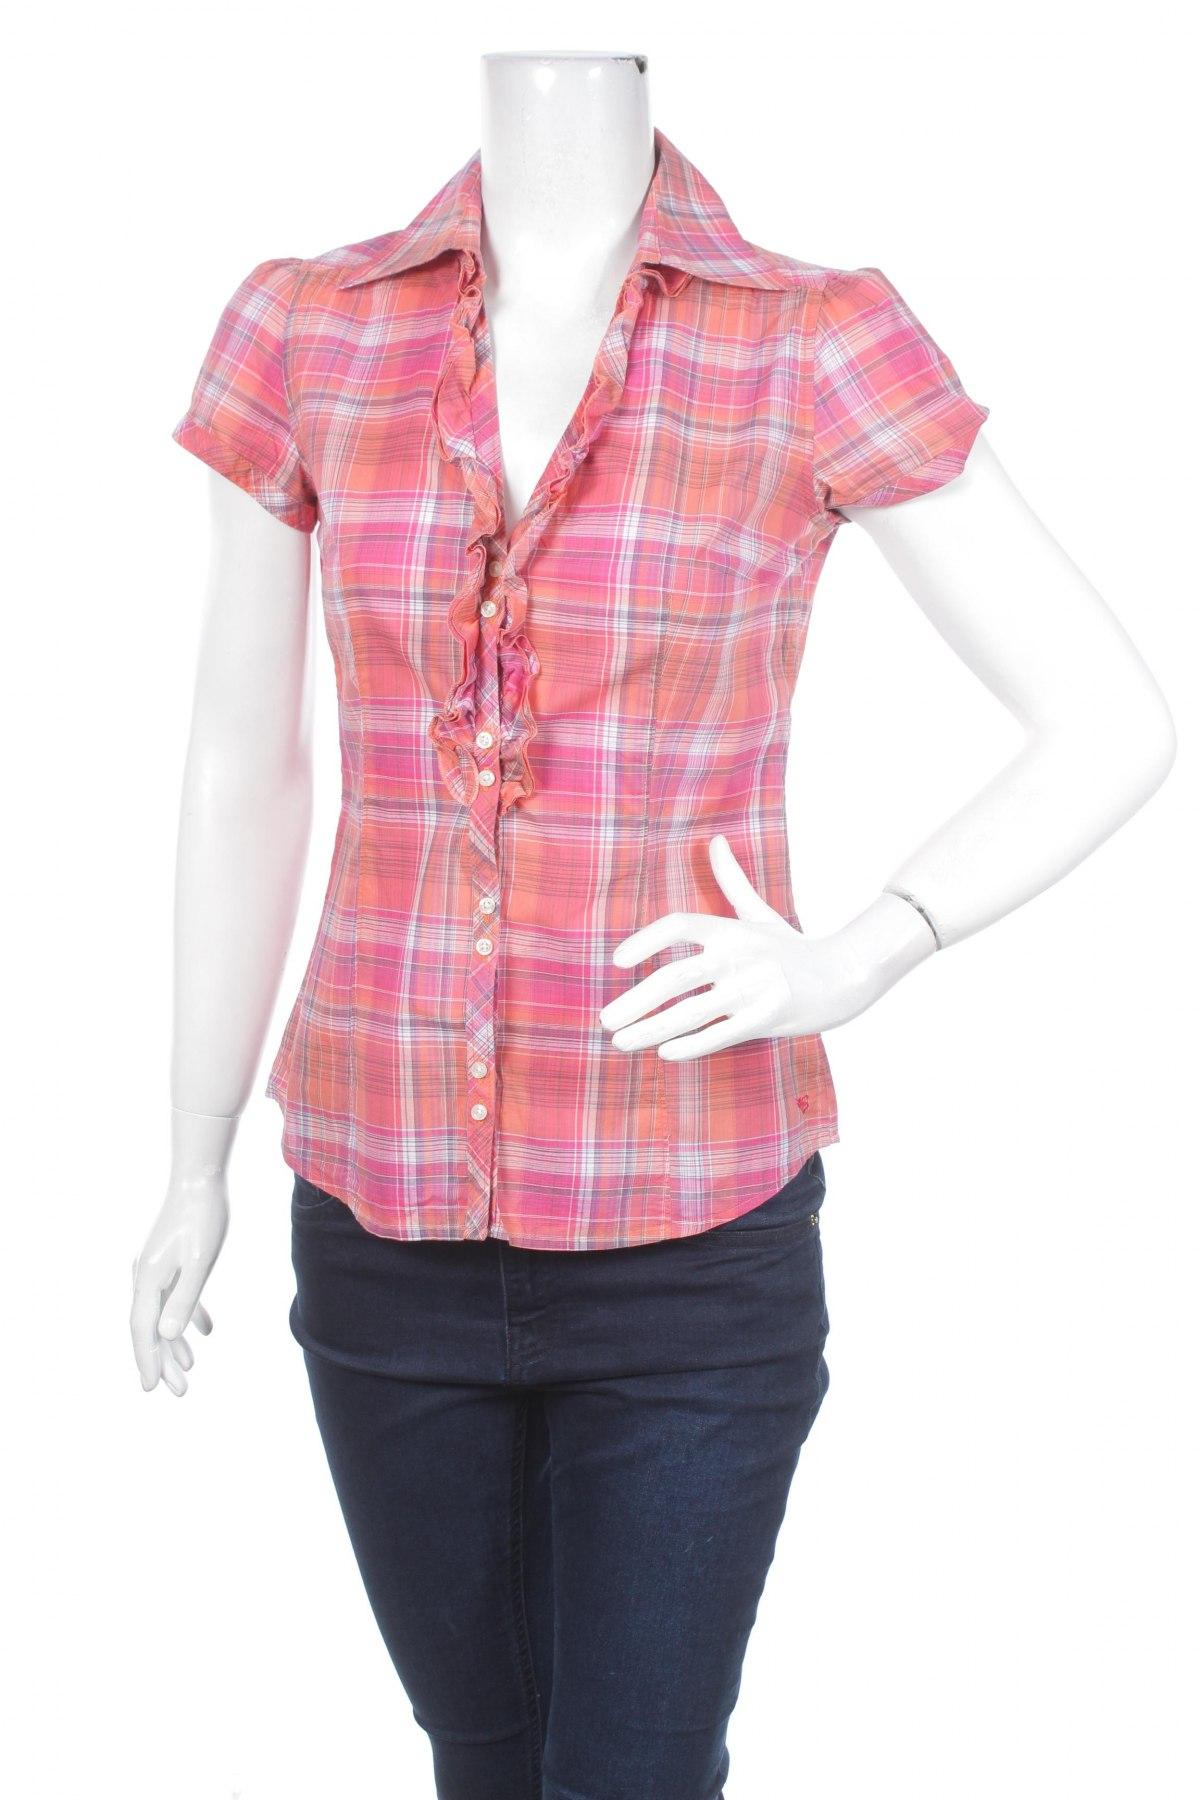 Γυναικείο πουκάμισο Esprit, Μέγεθος XS, Χρώμα Πολύχρωμο, Βαμβάκι, Τιμή 9,90€